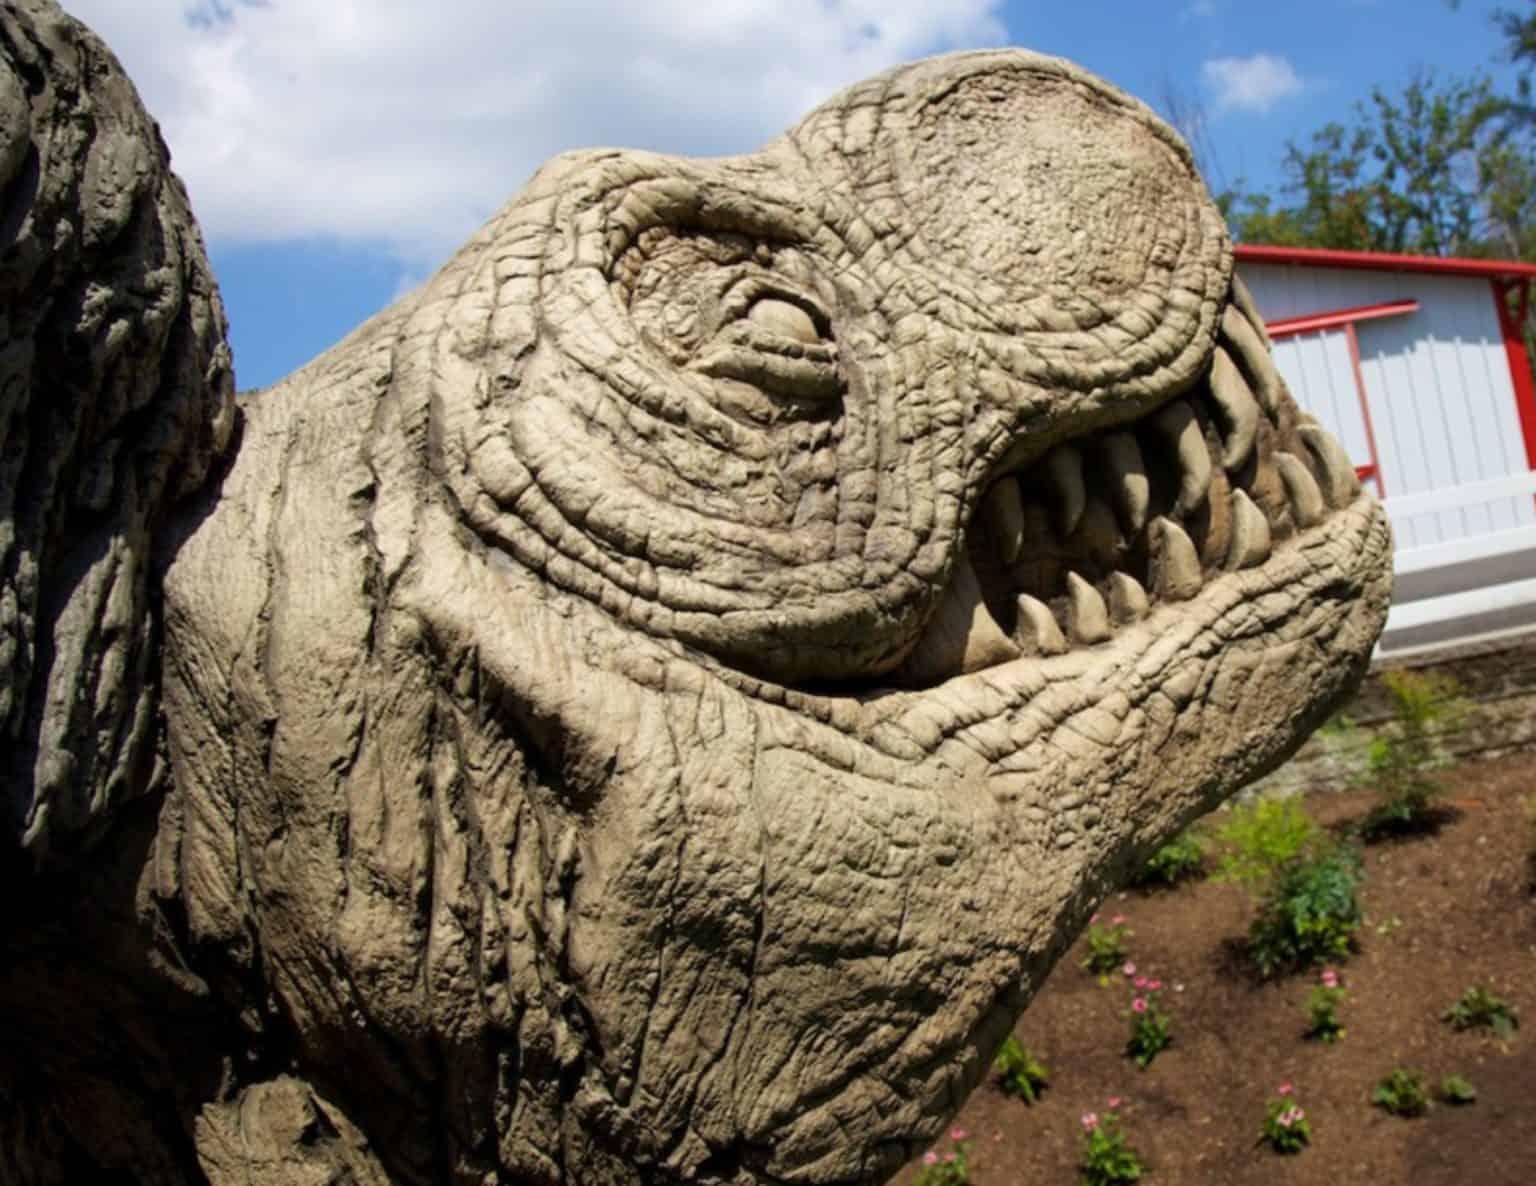 turtle-back-zoo-playground-west-orange-nj_11519248176_o-1-1536x1186